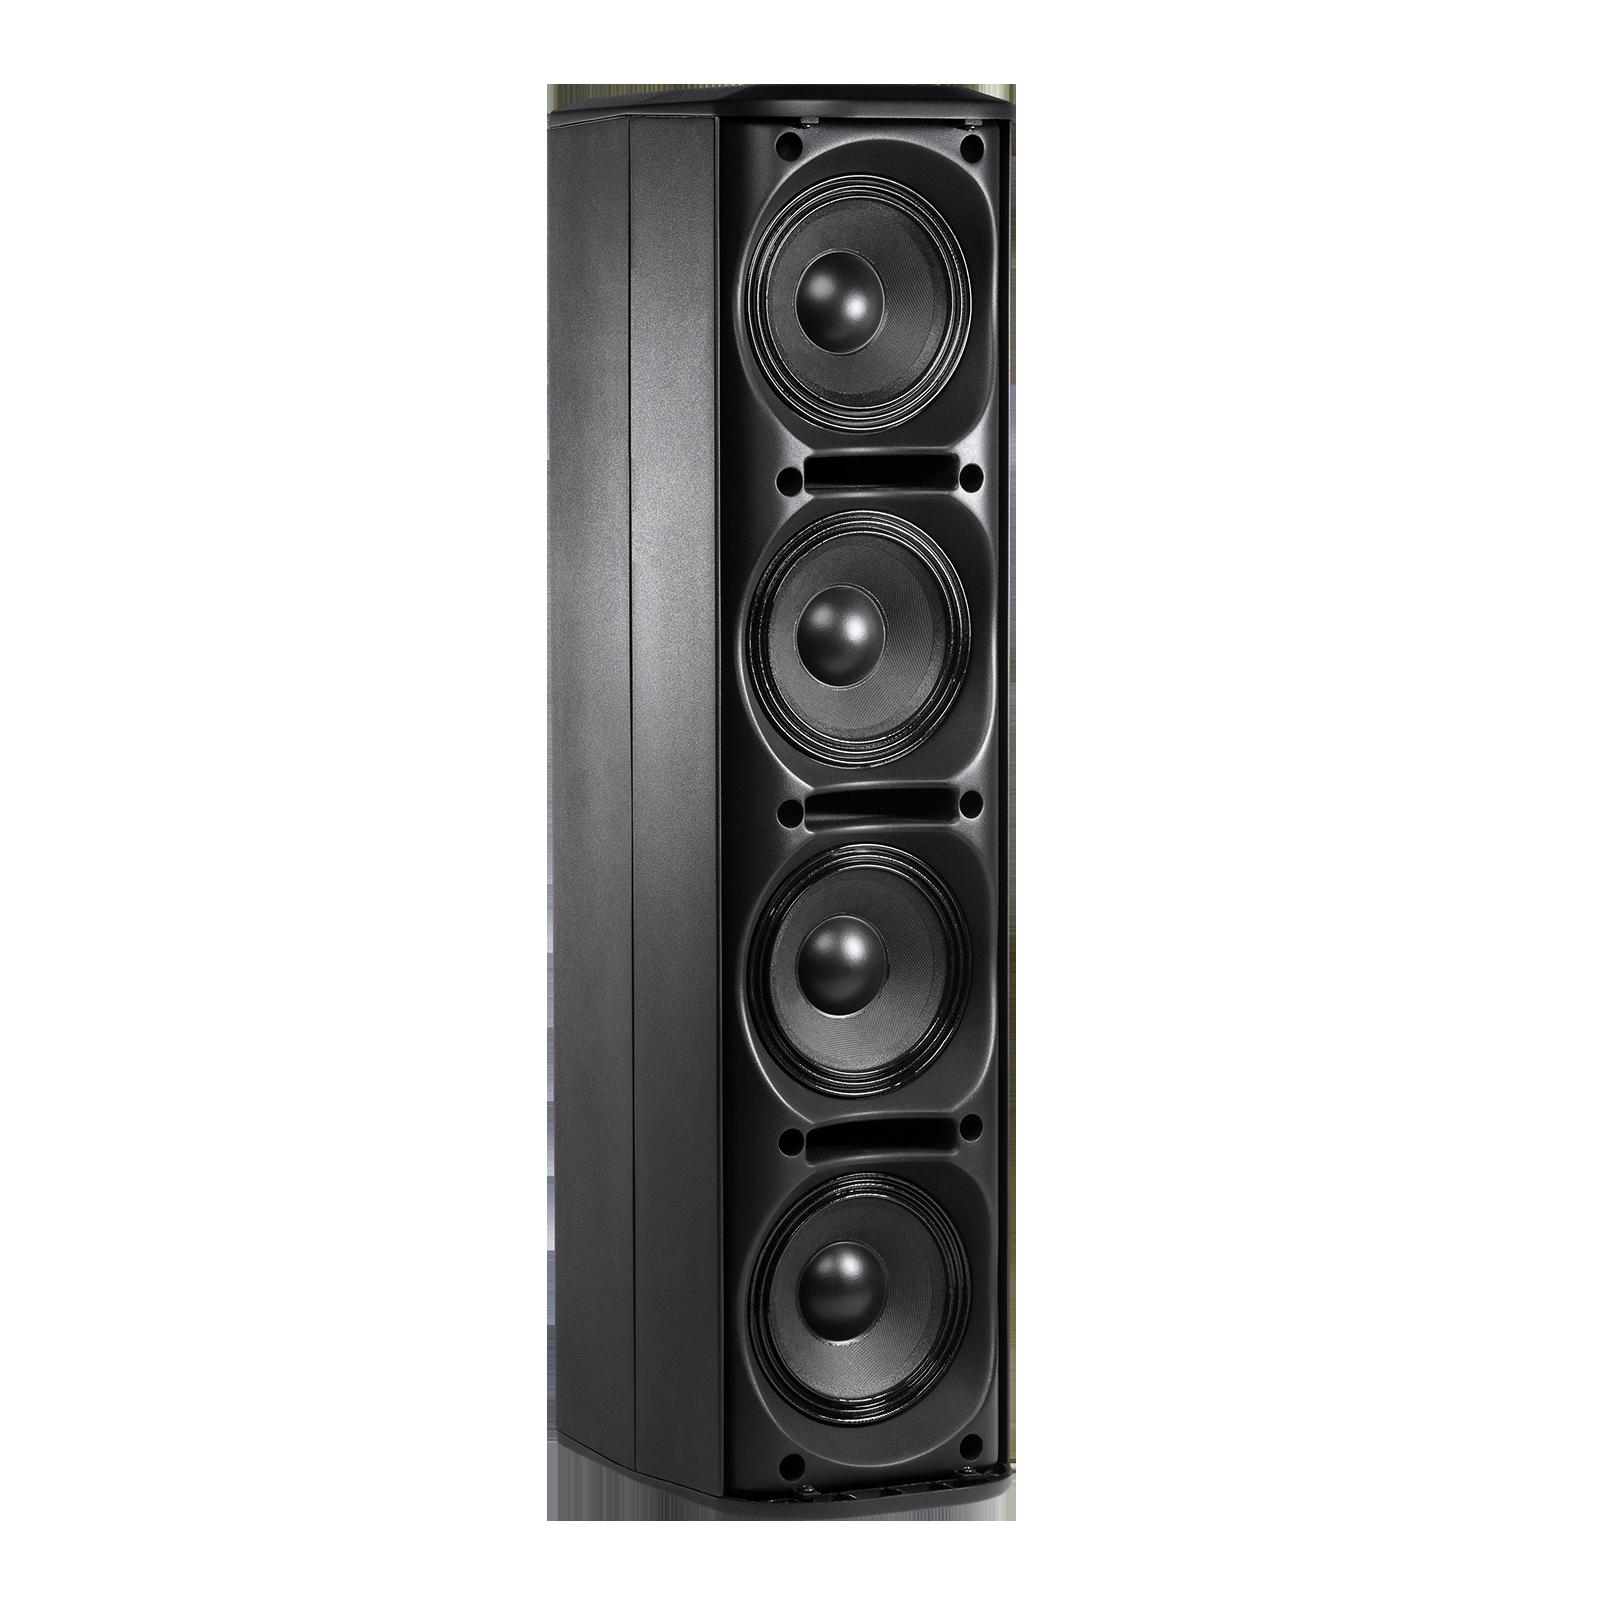 JBL CBT 70JE-1 - Black - Extension for CBT 70J-1 Line Array Column Speaker - Detailshot 2